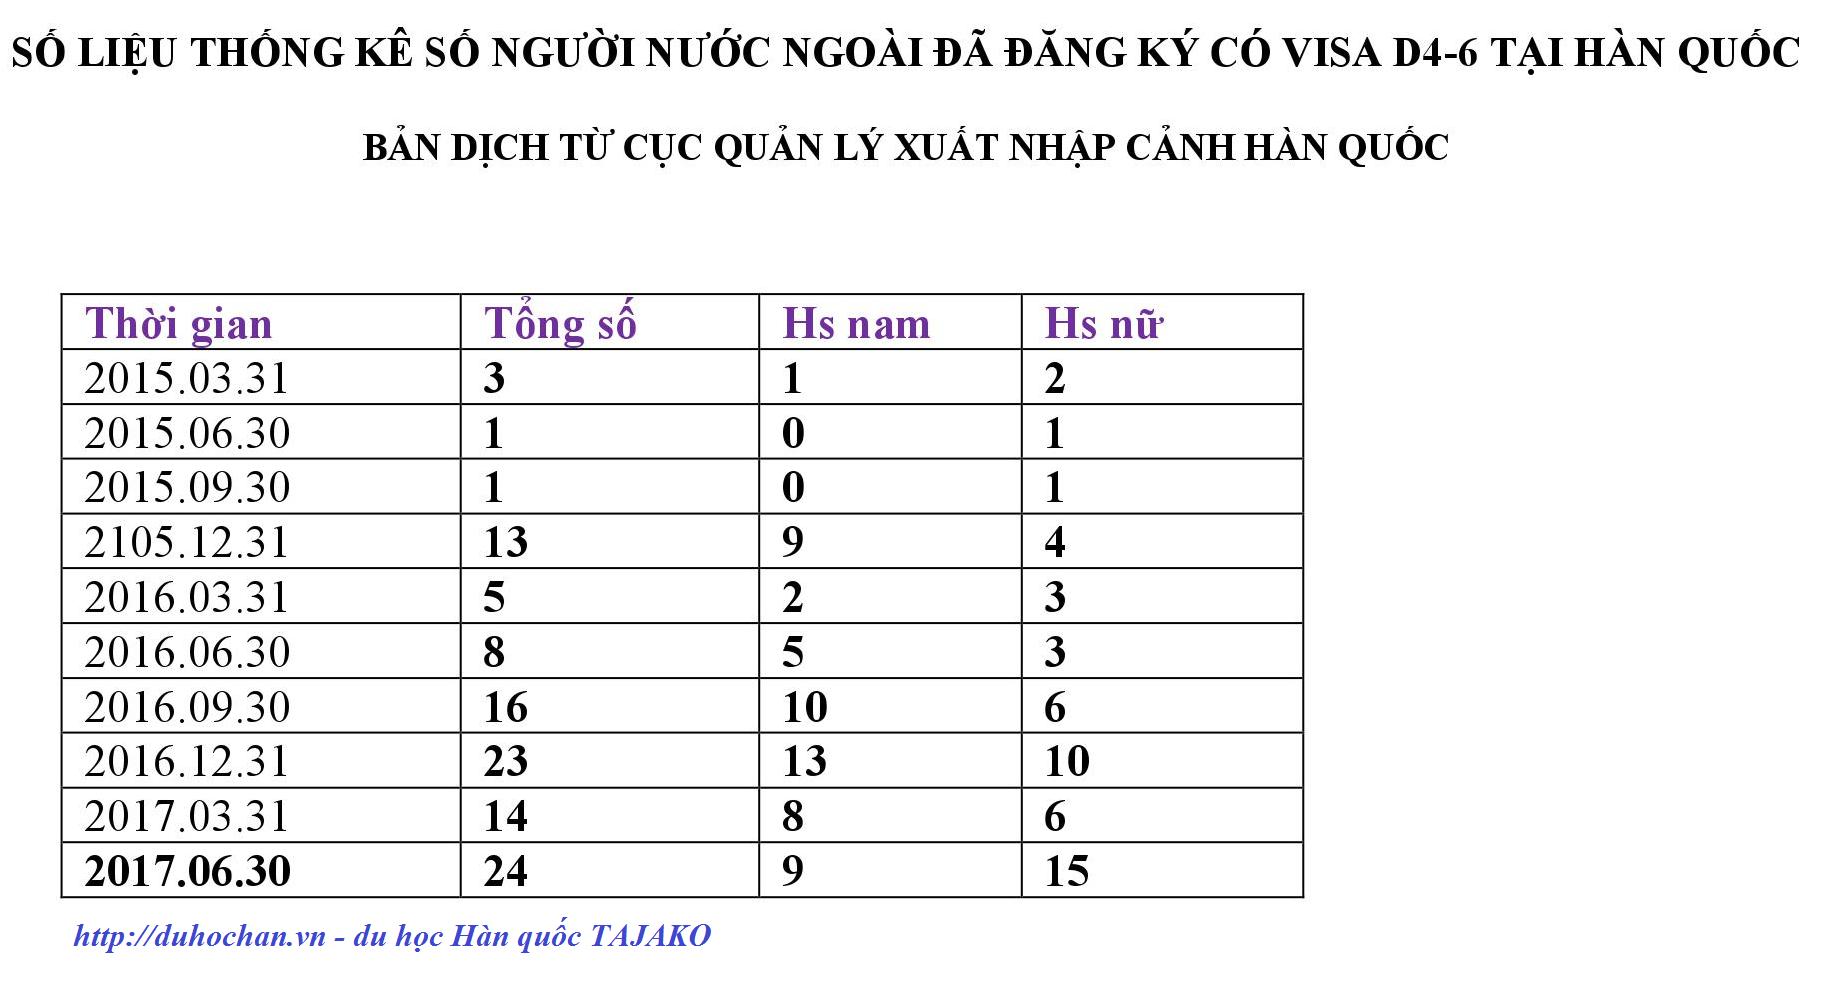 Số liệu thống kê Visa D4-6 tại Hàn Quốc